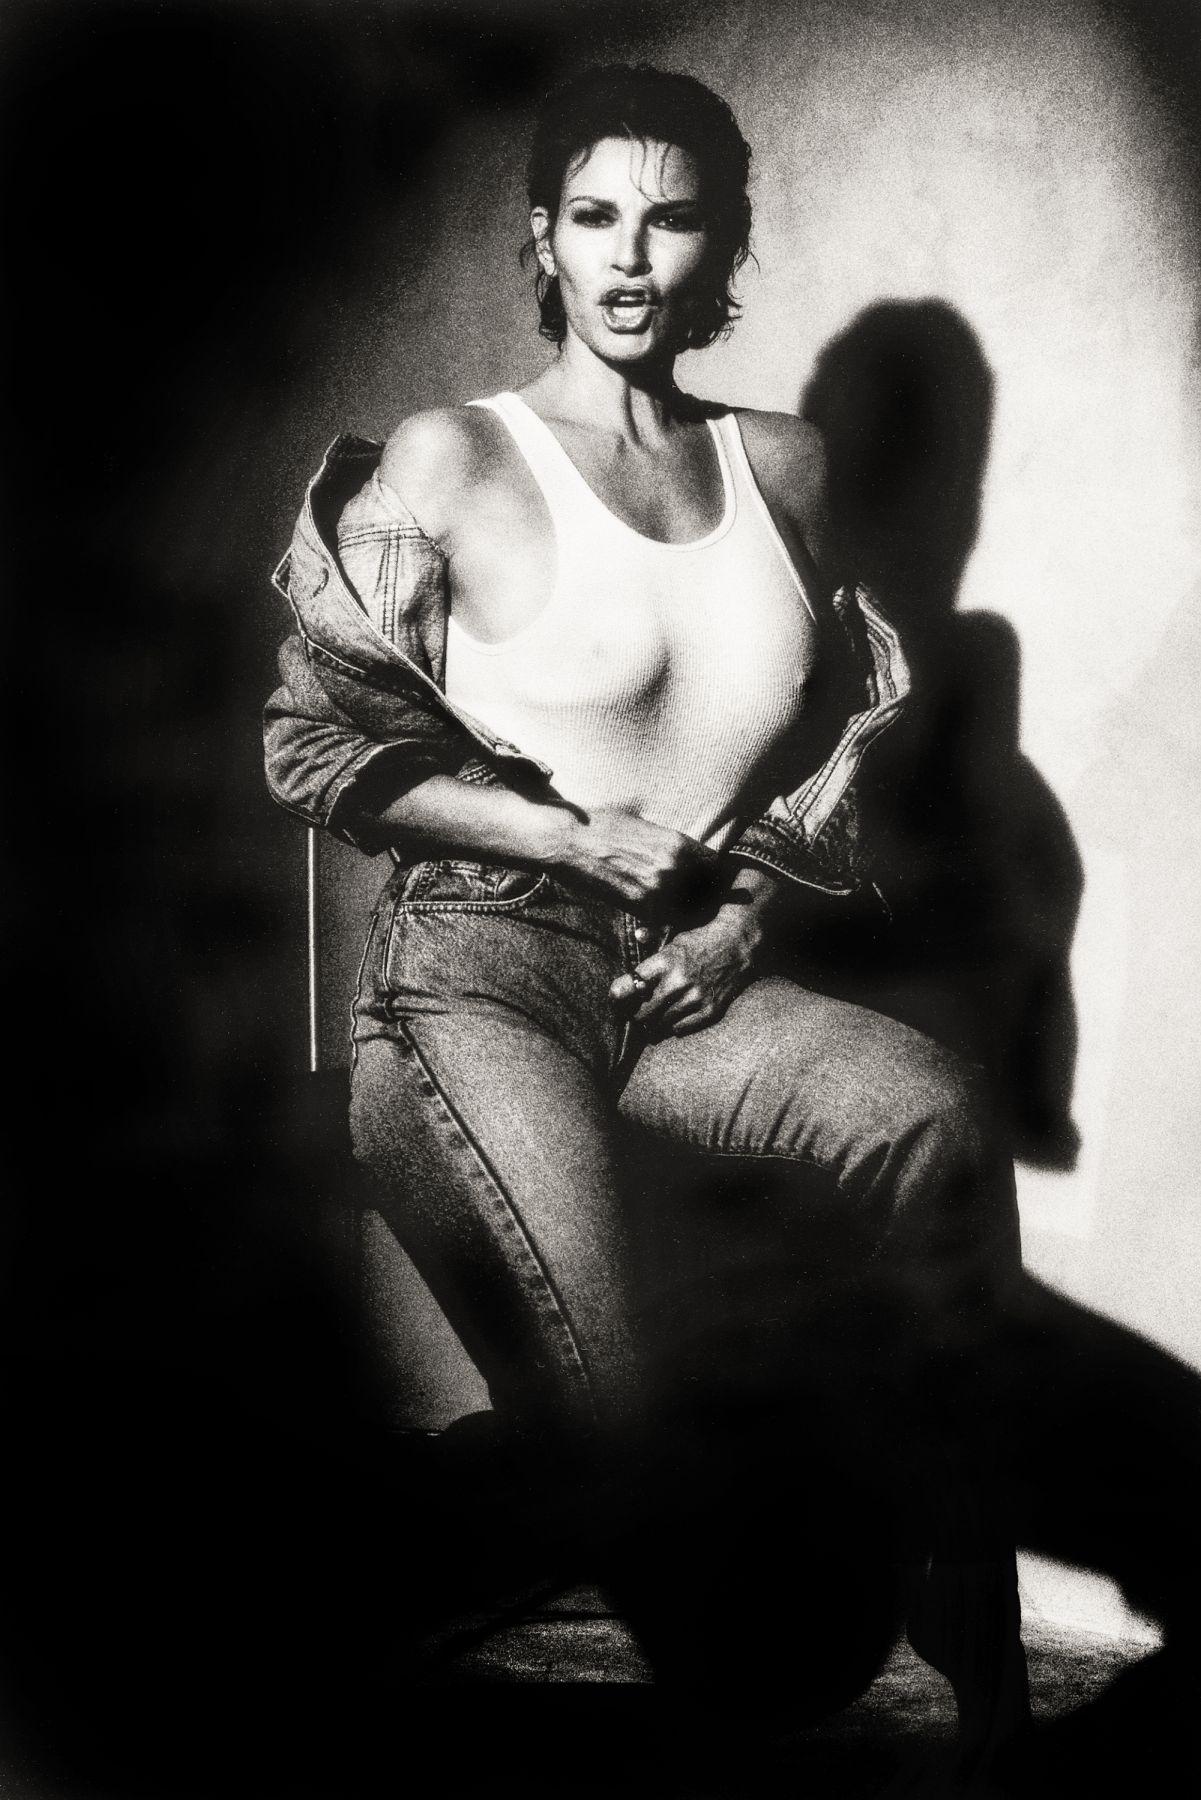 Raquel Welch, Los Angeles, 1989